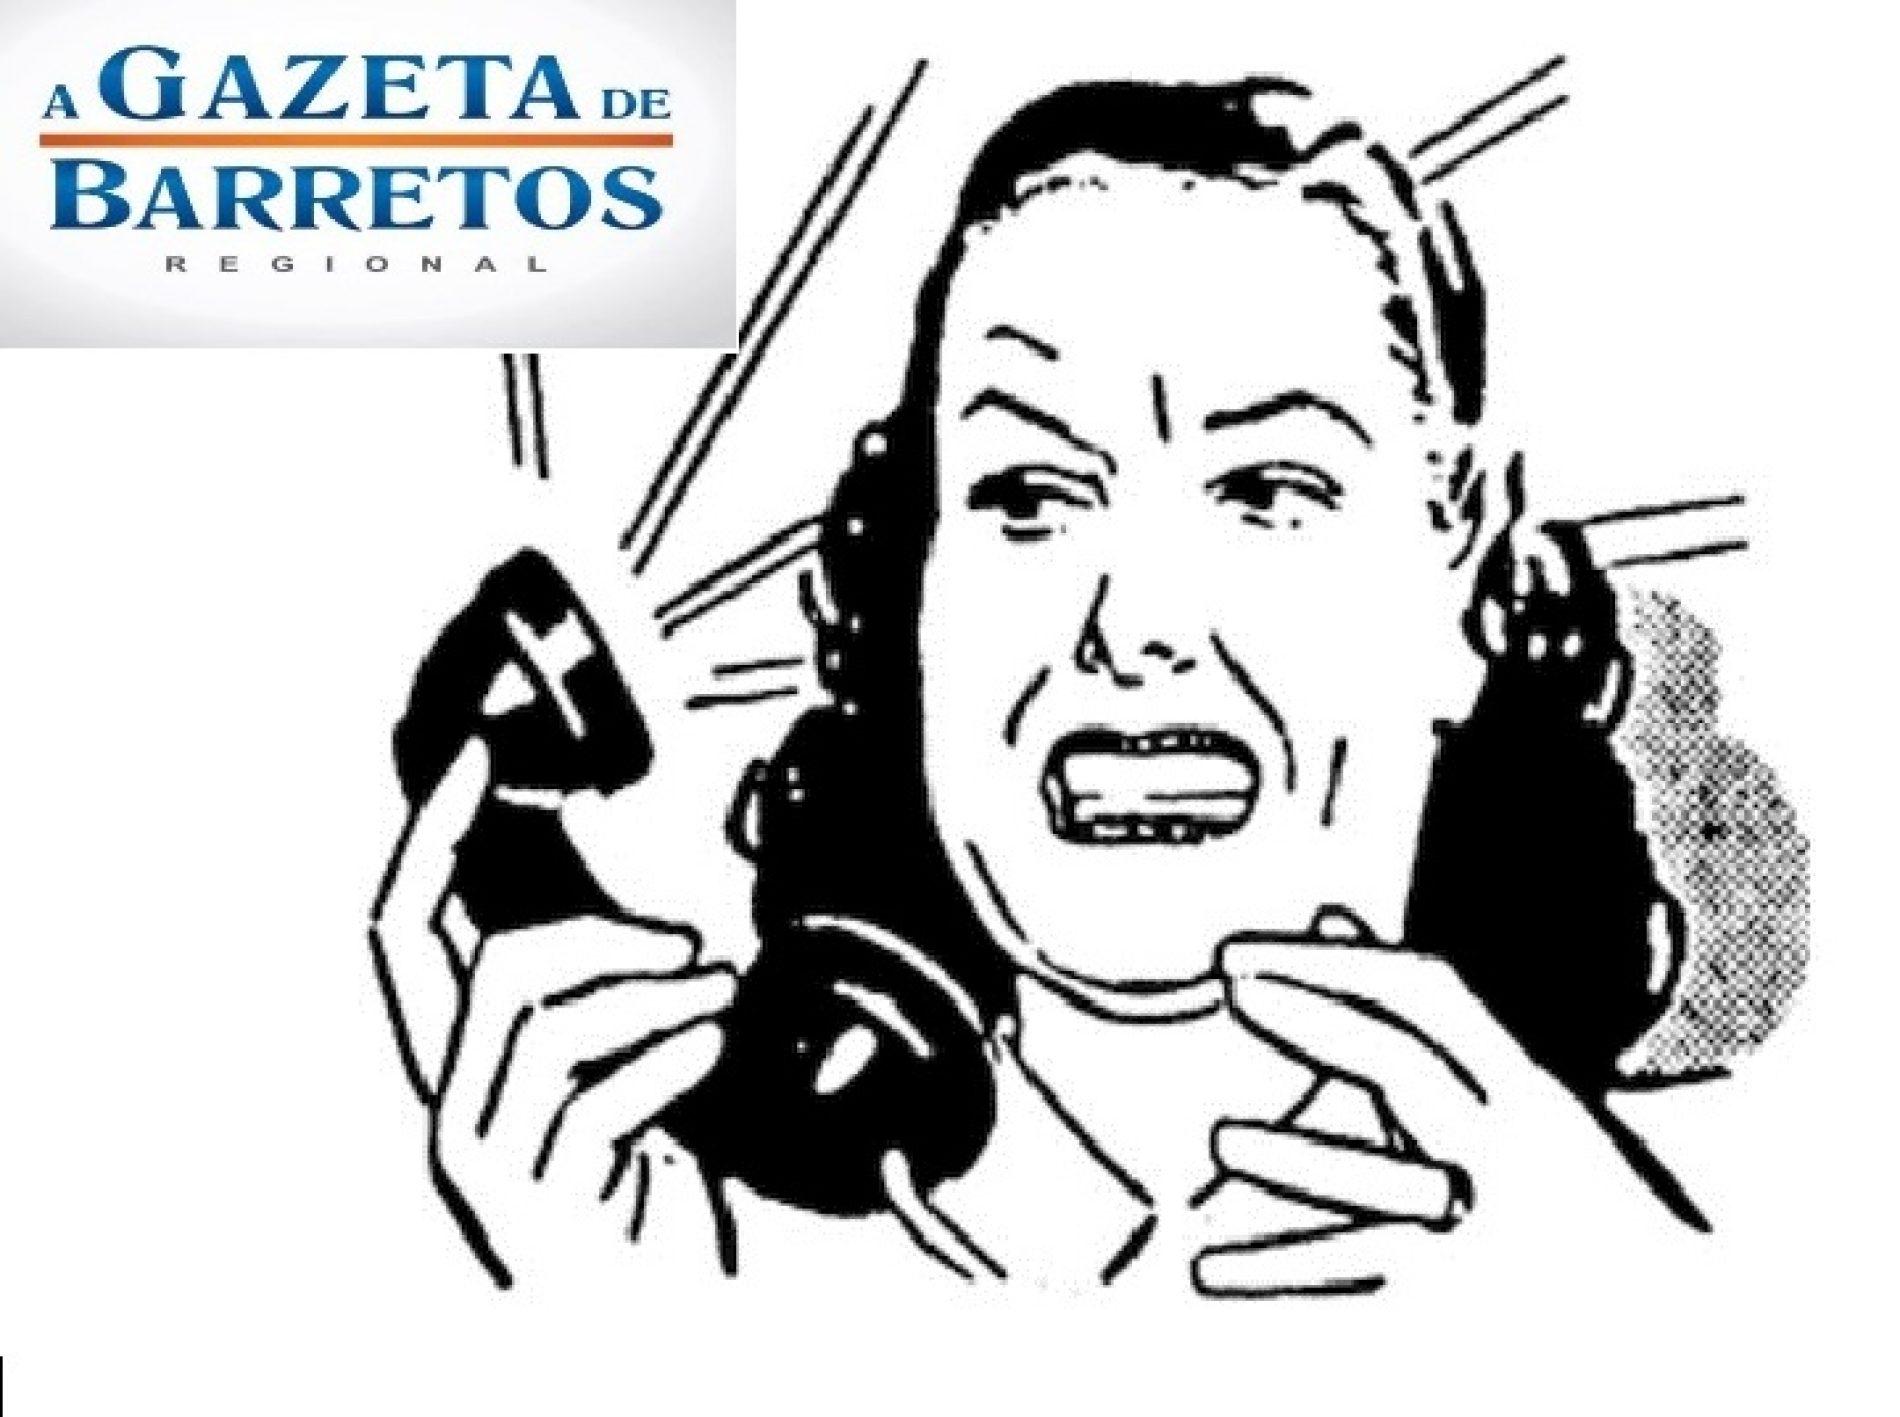 Mulher registra queixa por calúnia